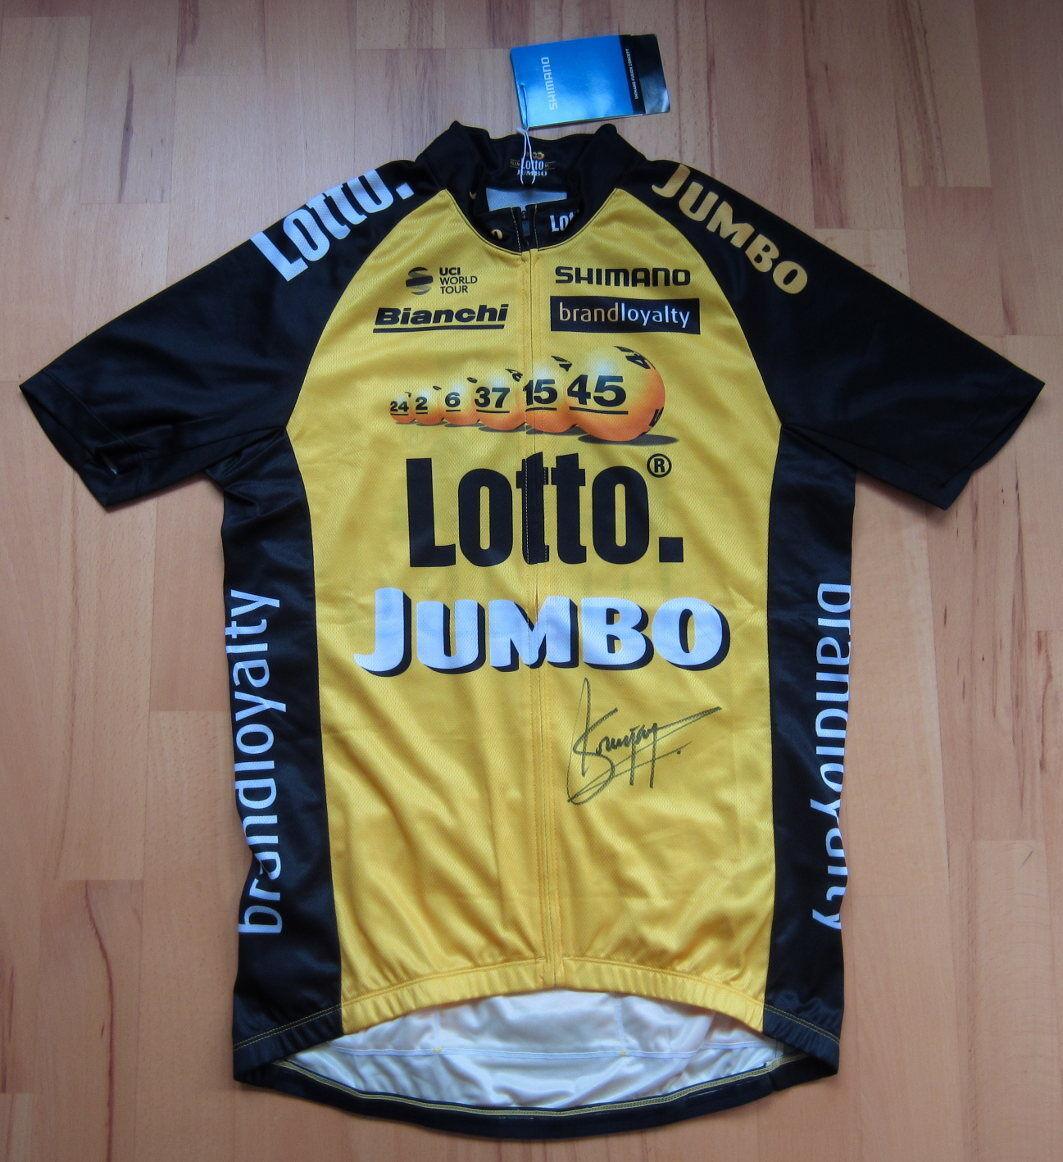 Steven Kruijswijk-firmado 2017 lottonl-Jumbo Jersey